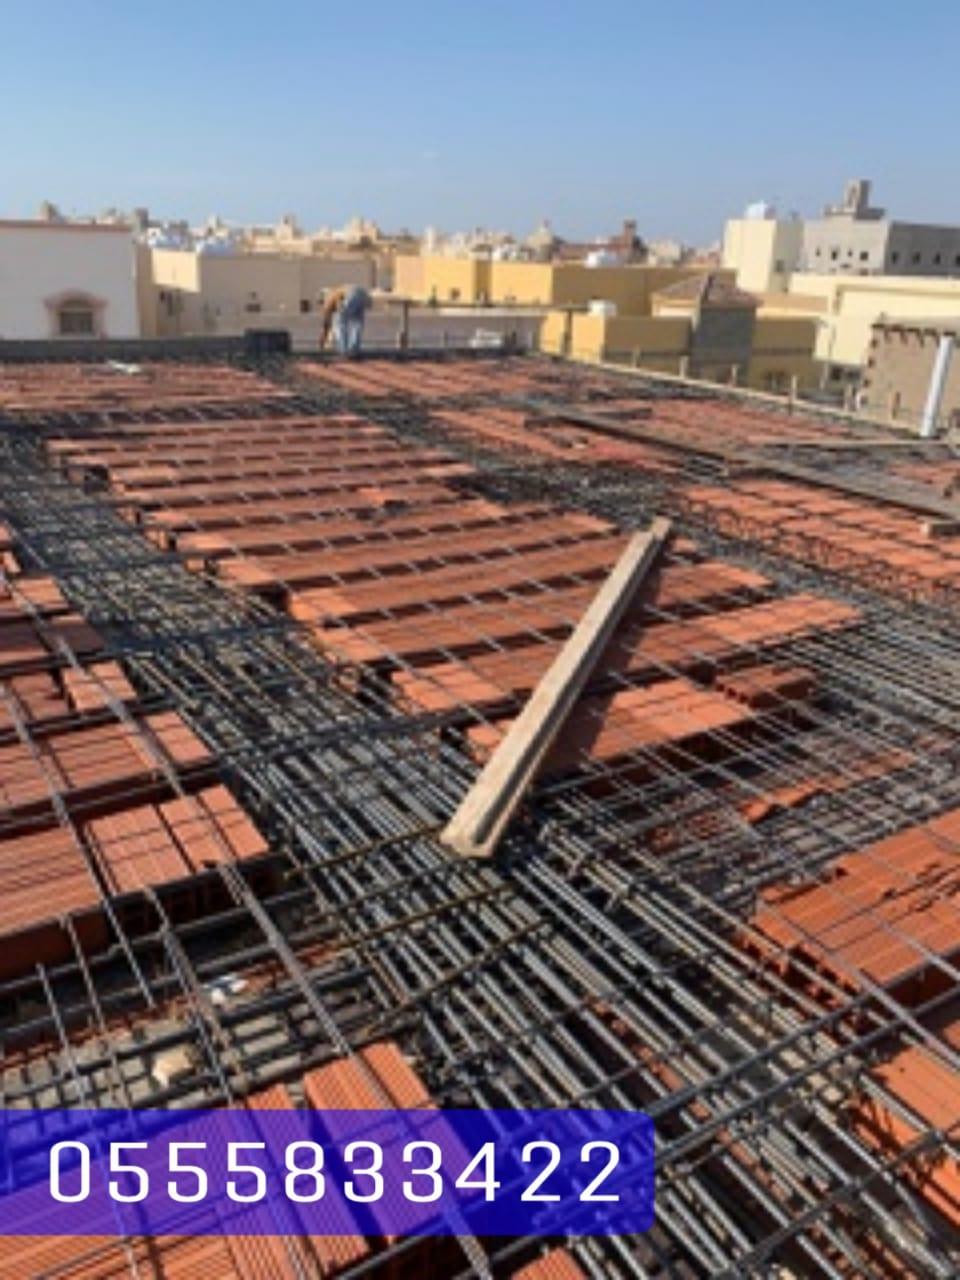 شركة بناء الدمام الخبر الظهران